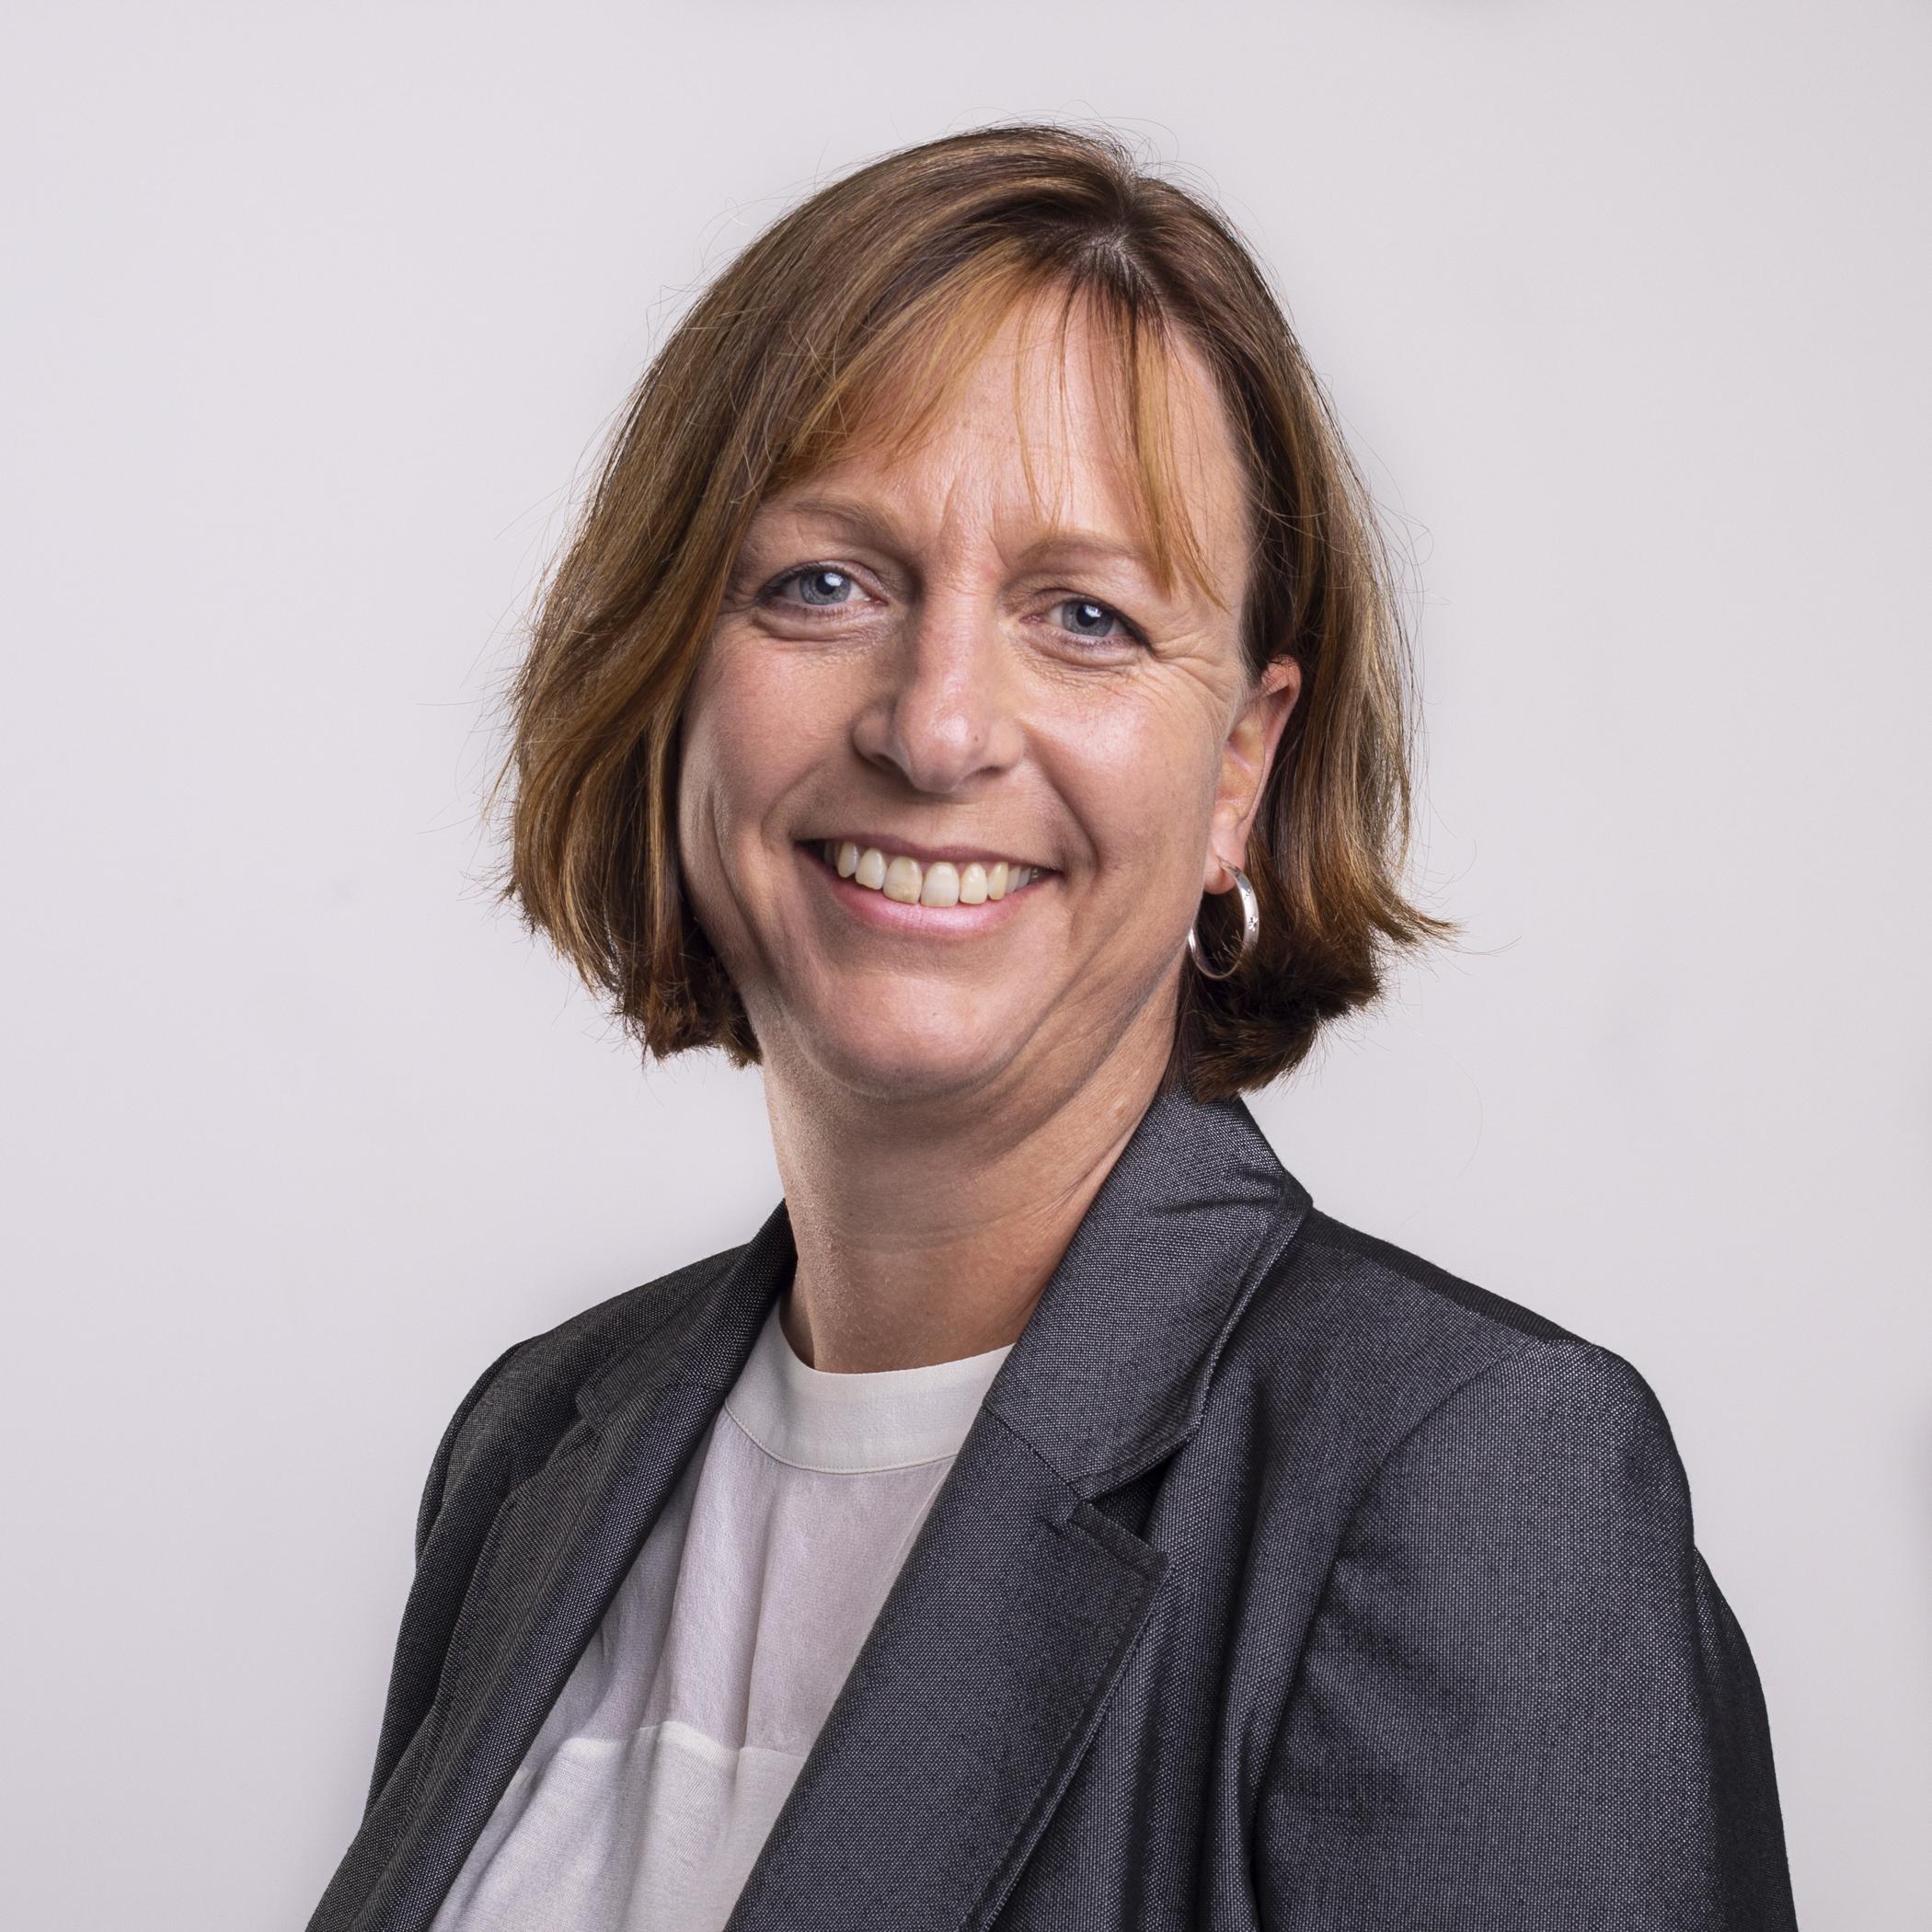 Janine Bäumer